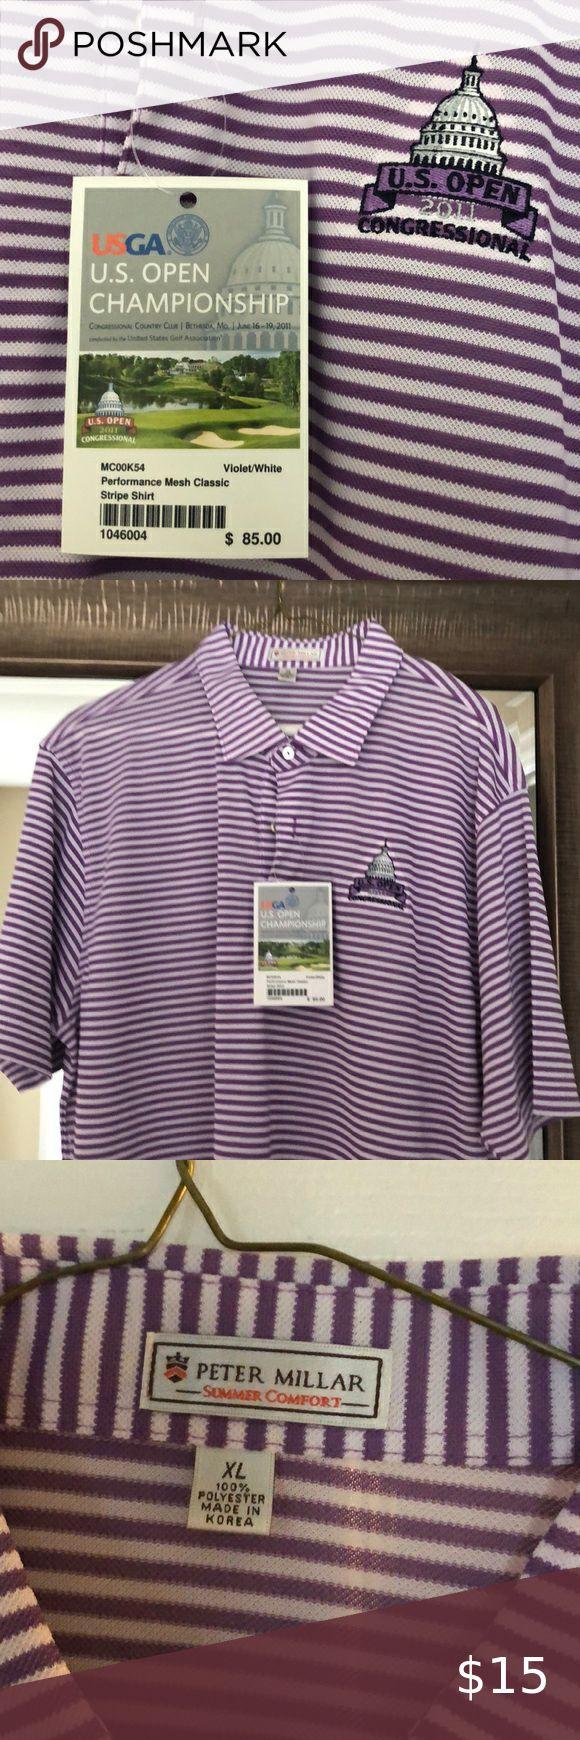 Vintage 2011 US Open Logo Golf Shirt Never Worn Peter